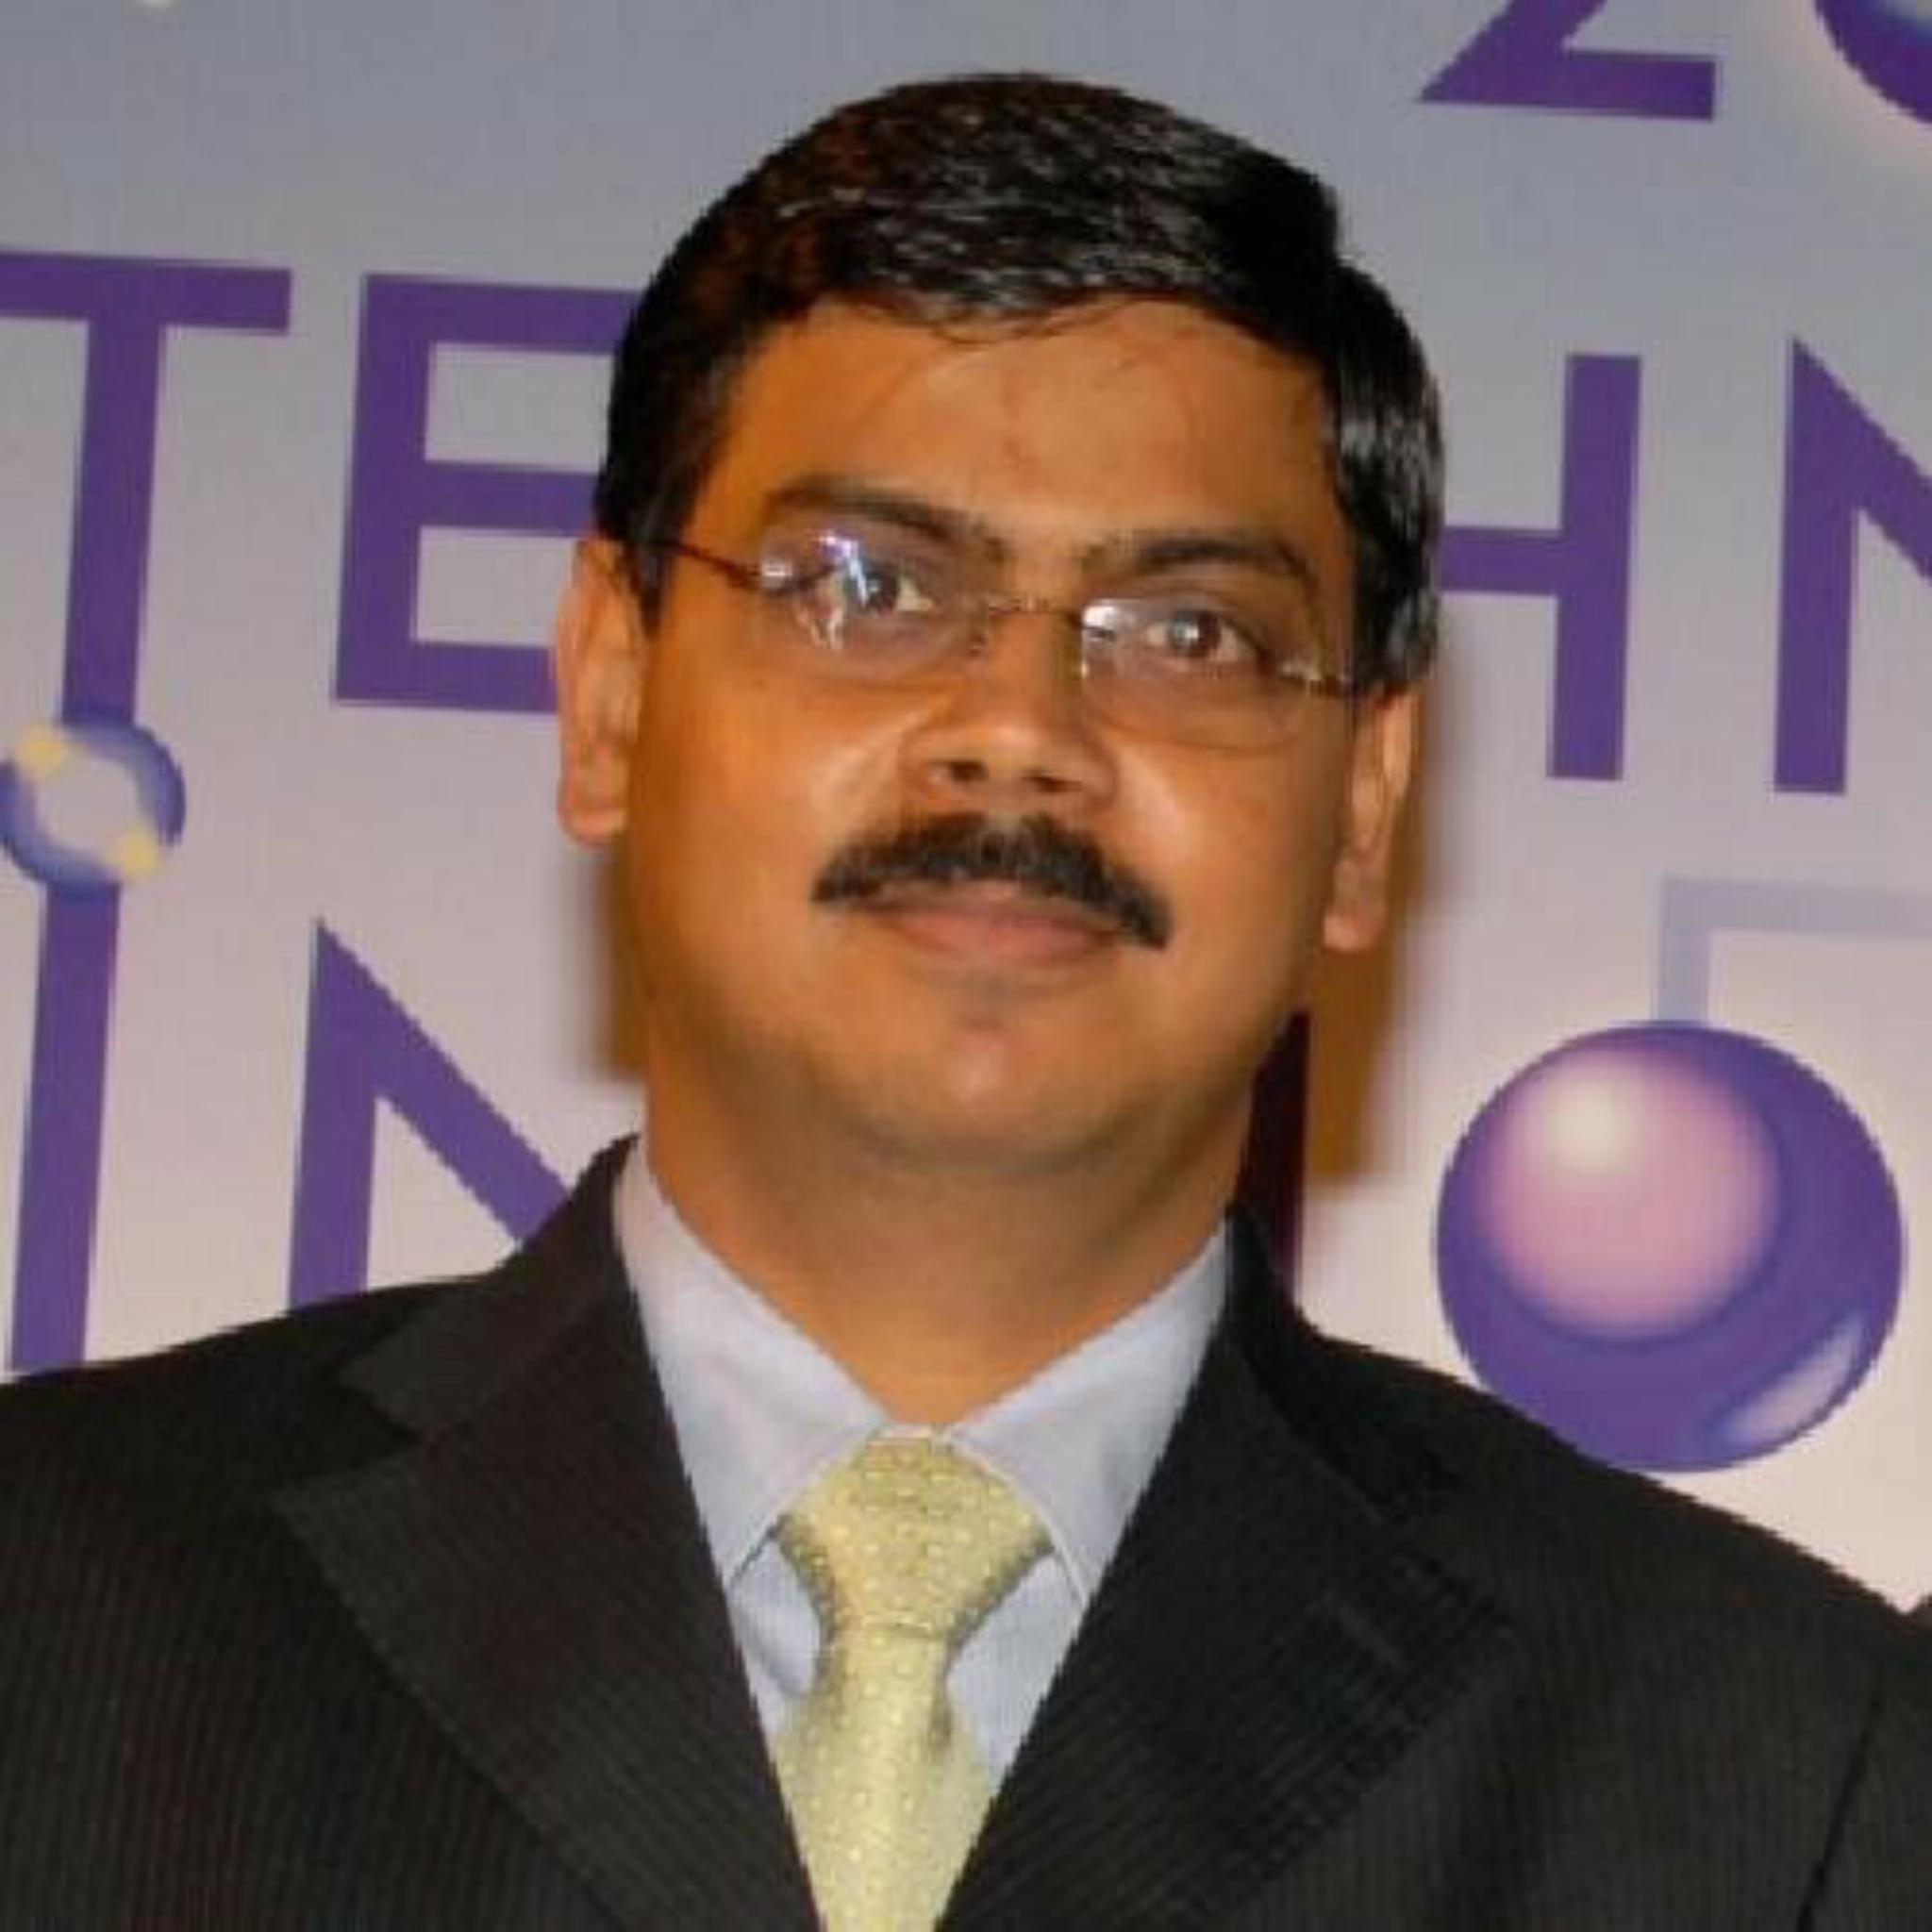 https://www.indiantelevision.com/sites/default/files/styles/smartcrop_800x800/public/images/tv-images/2021/06/24/photogrid_plus_1624518440902.jpg?itok=wpuxFt1I